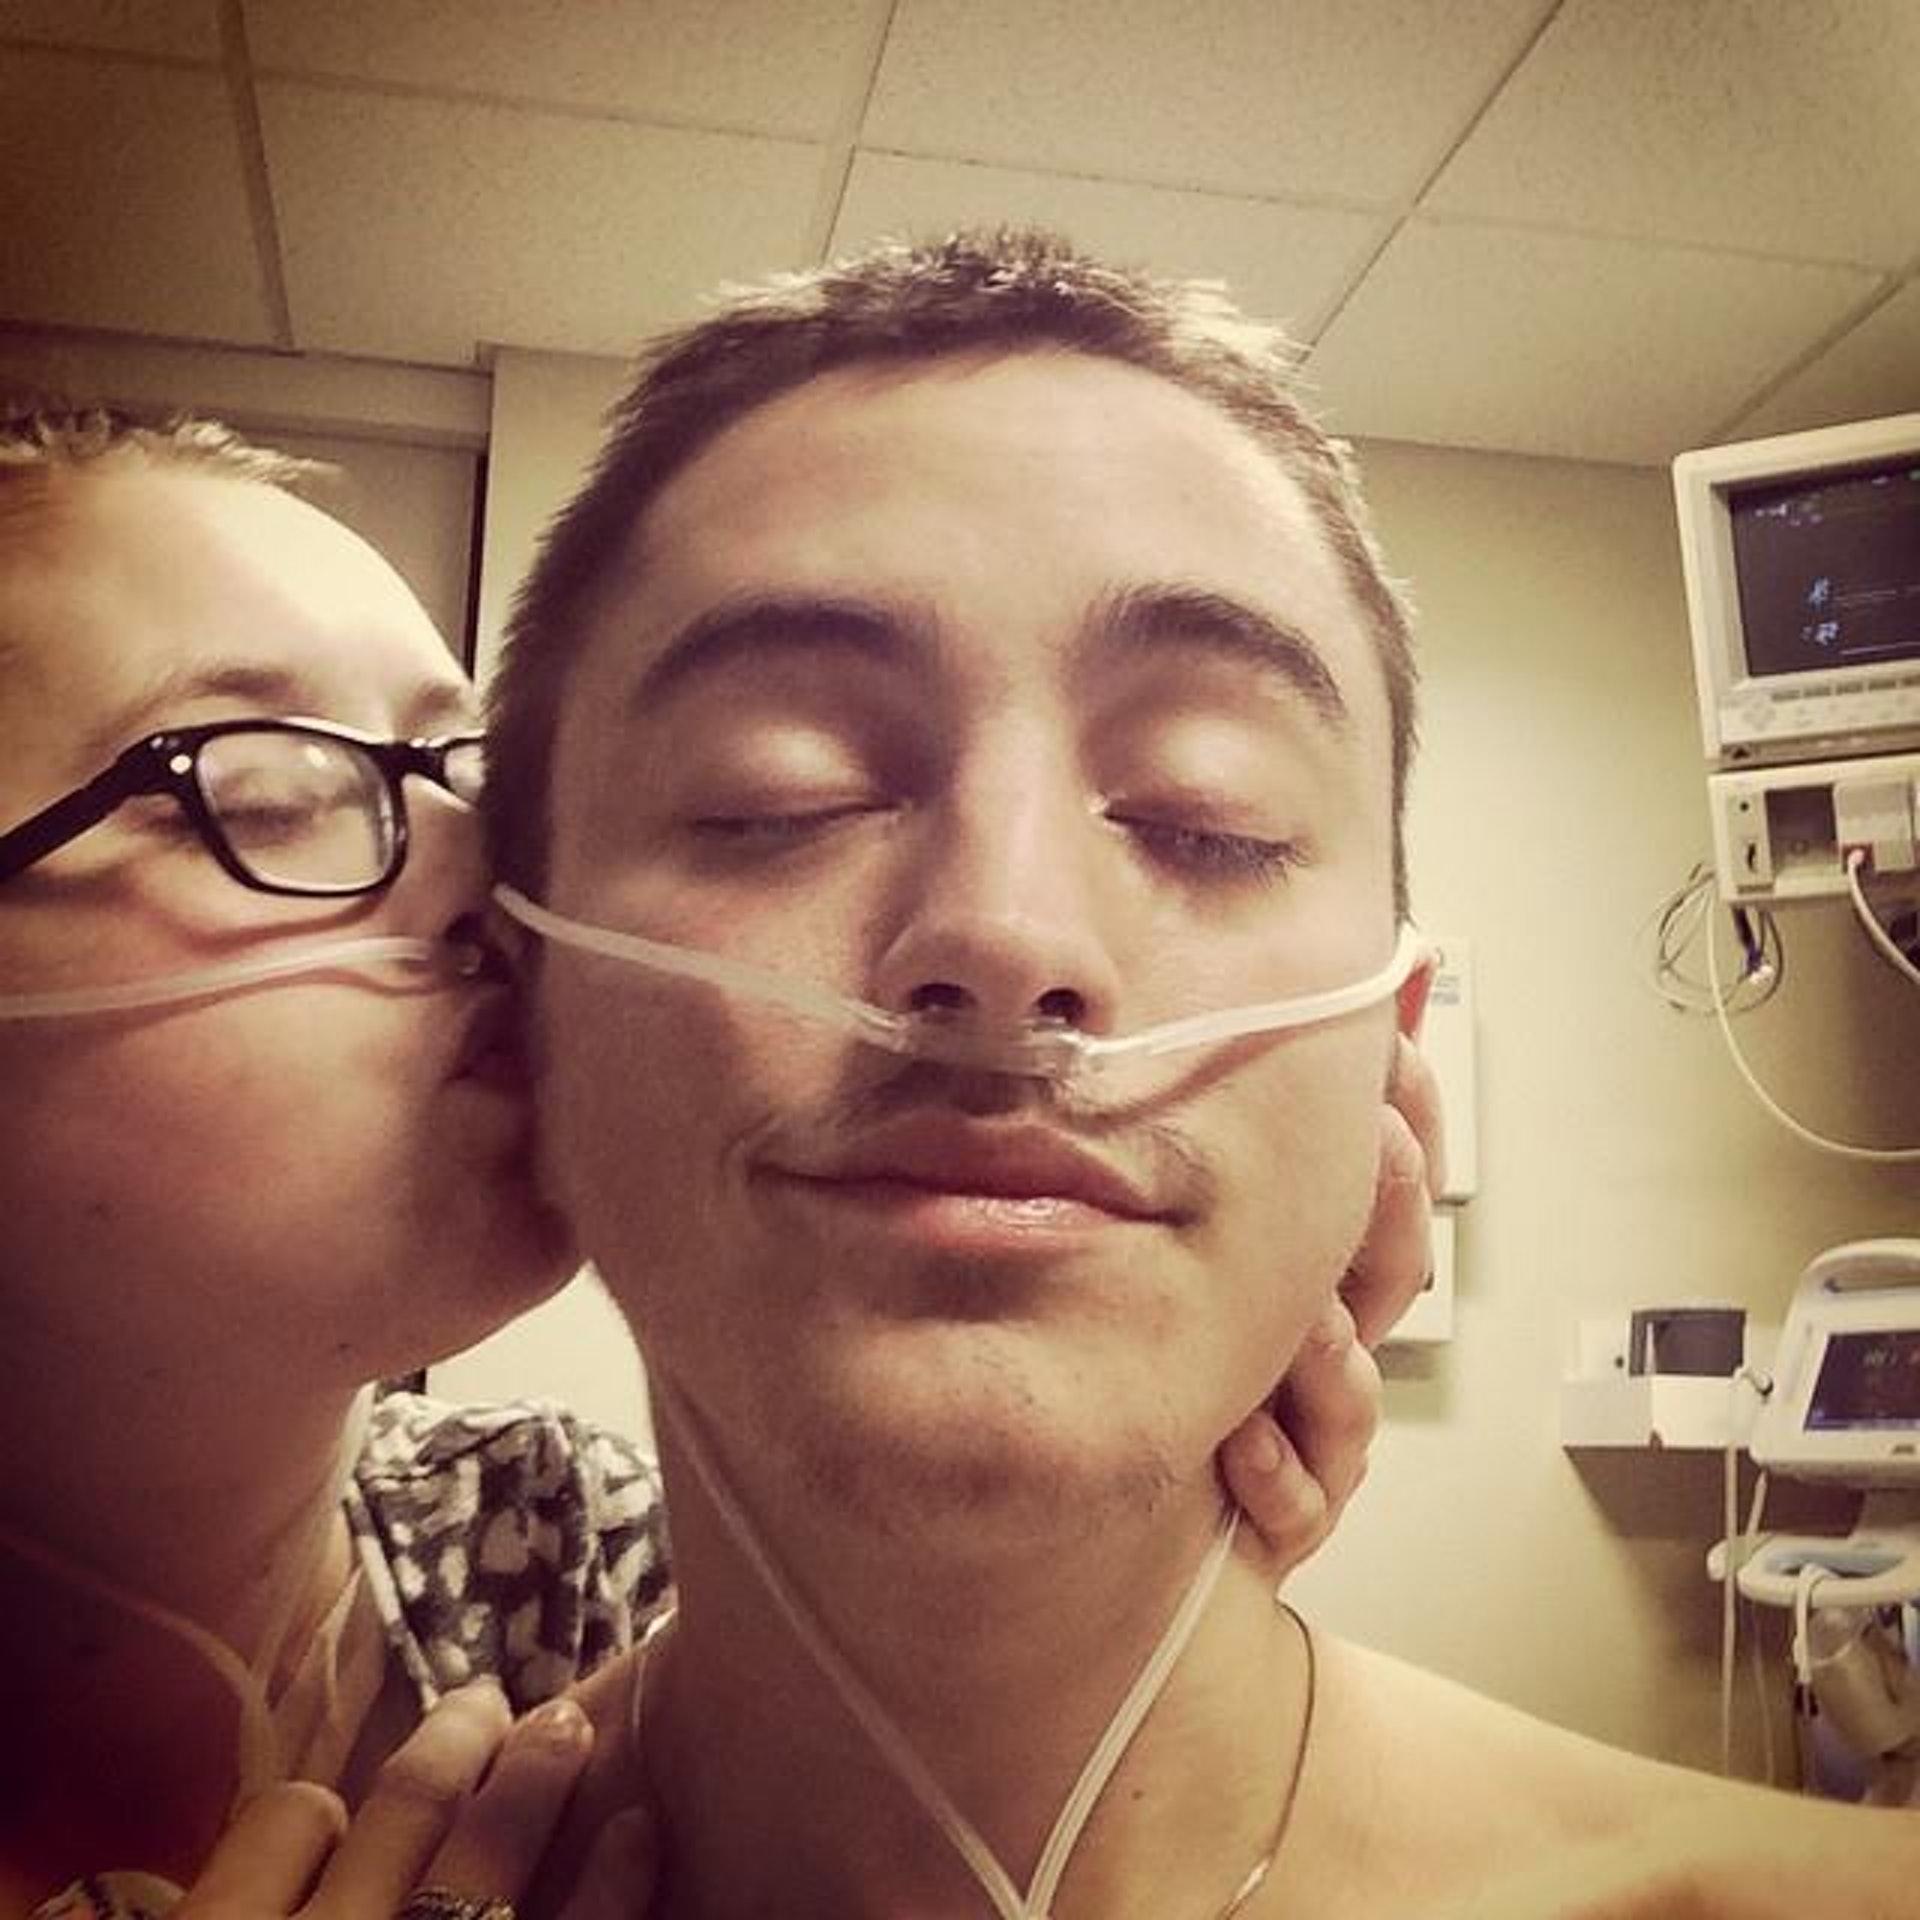 凱蒂(Katie Prager)和道爾頓(Dalton Prager)均患上「囊腫性纖維症」,兩人不顧一切地去愛,攜手渡過難關,感動不少網民。(facebook「Dalton and Katie Prager's Transplant Page」圖片)